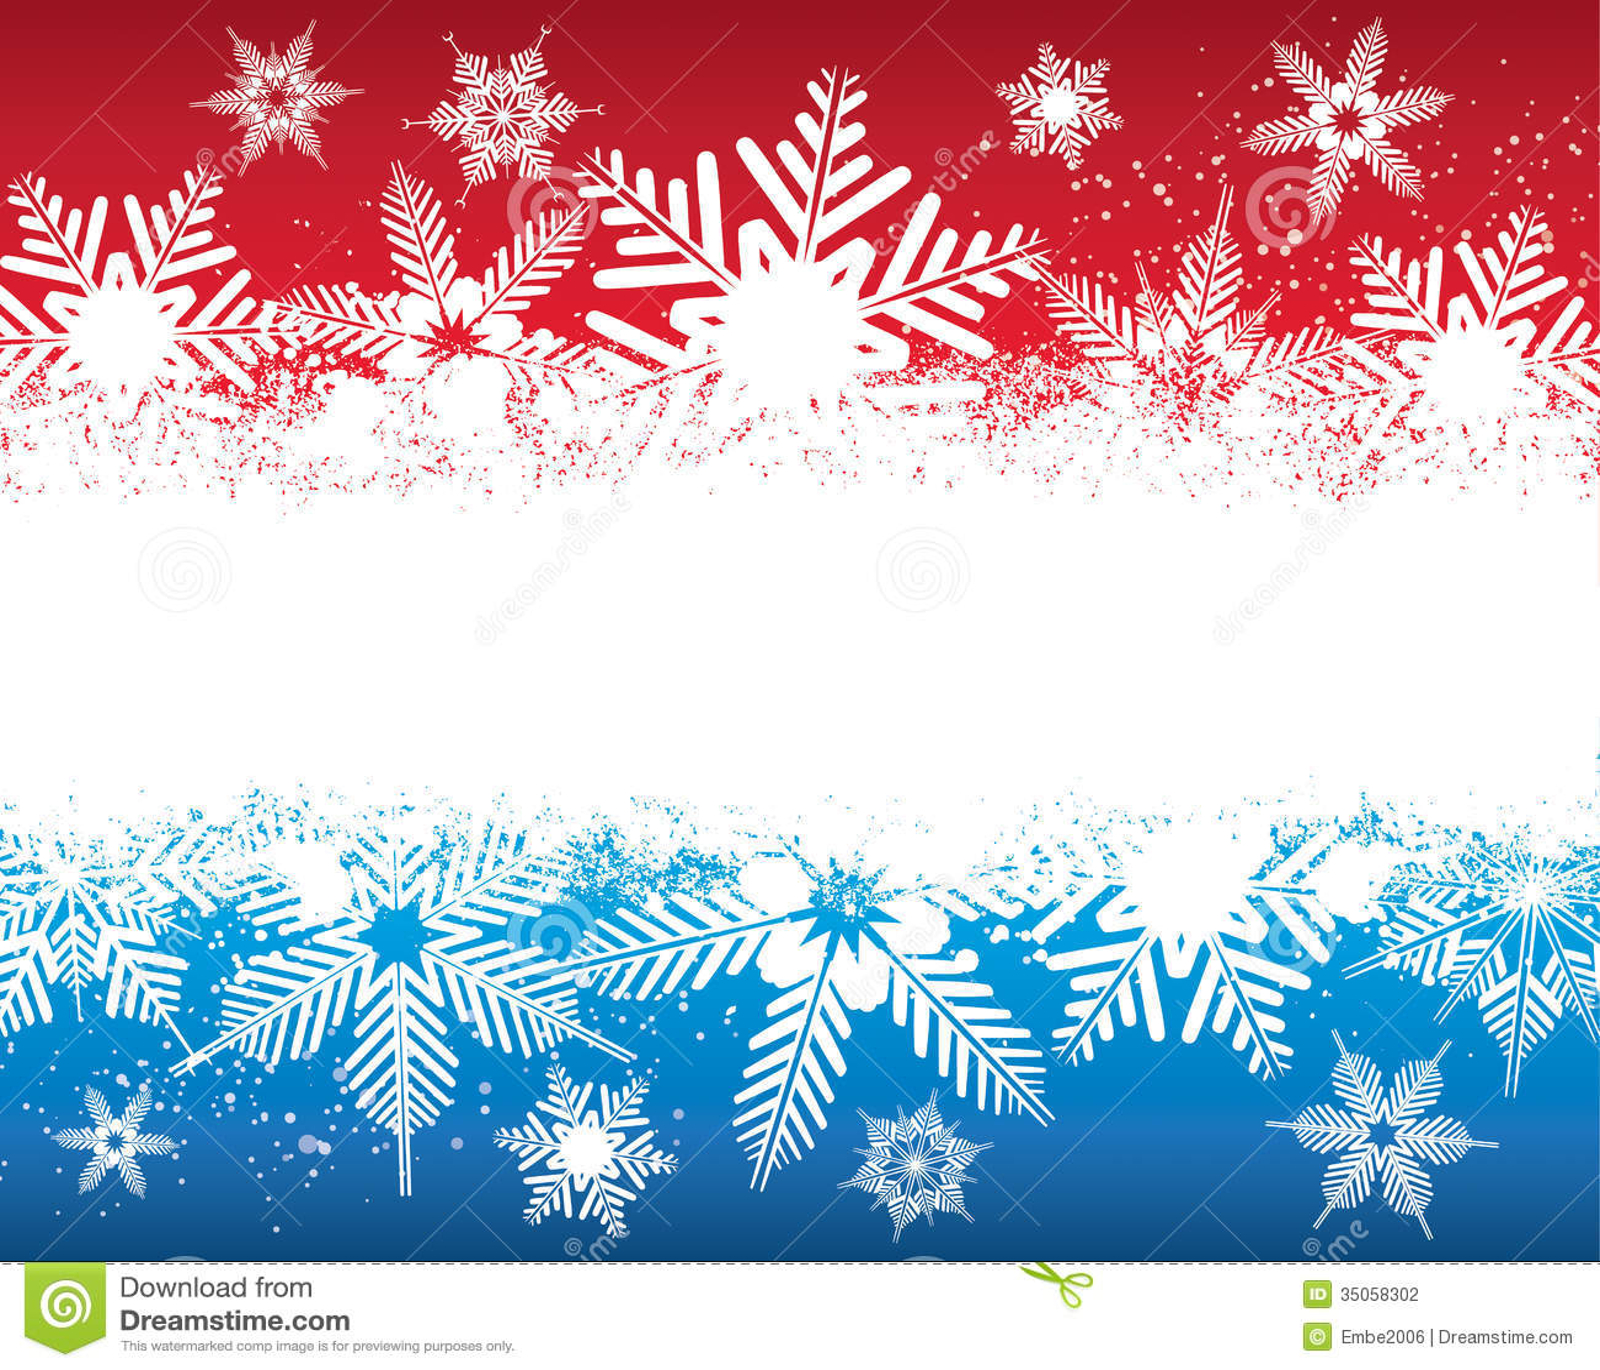 good christmas backgrounds - onwe.bioinnovate.co